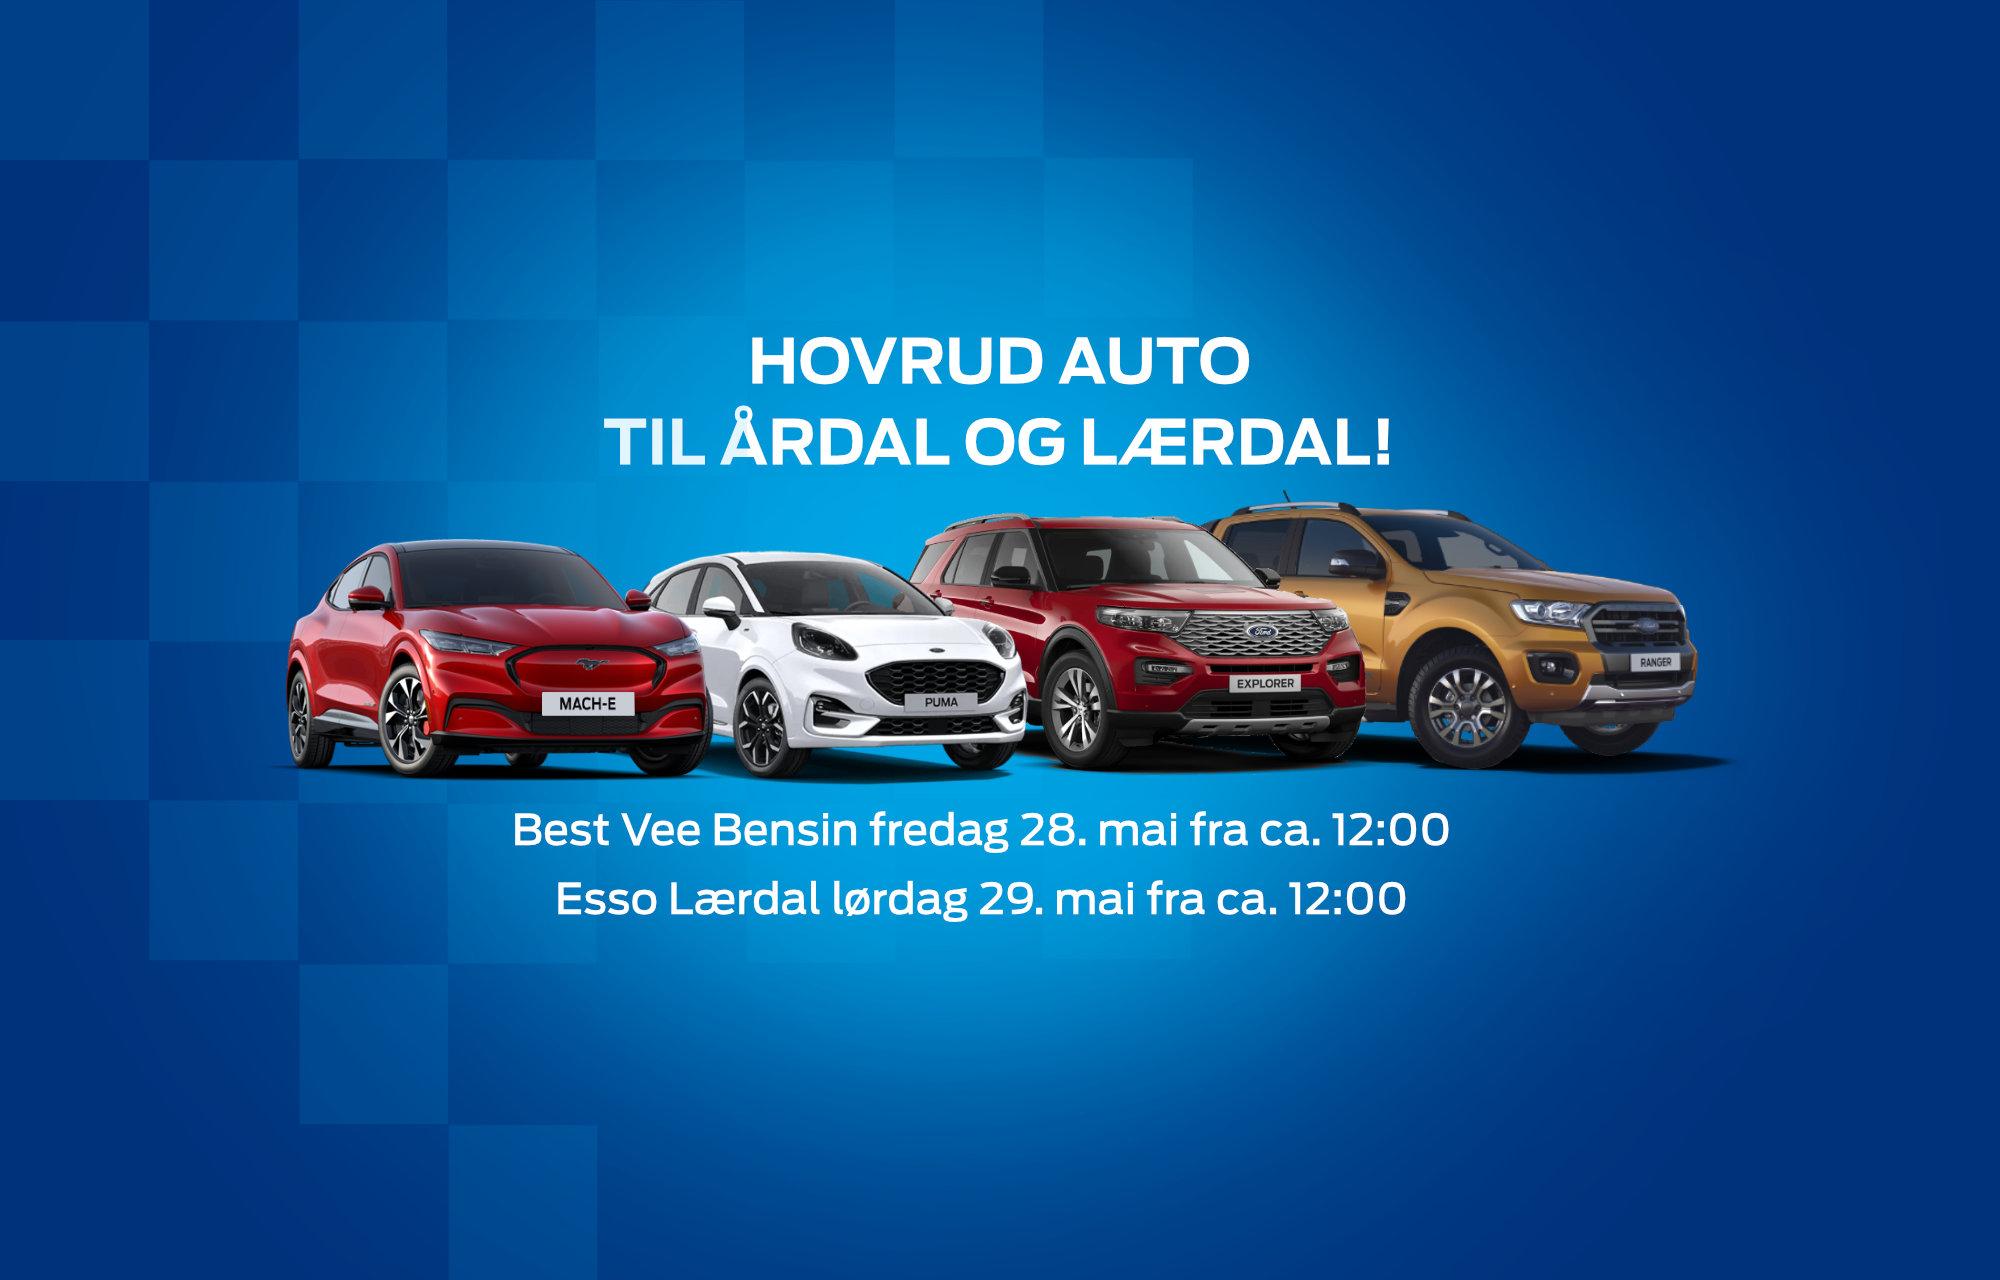 Hovrud Auto til Årdal og Lærdal